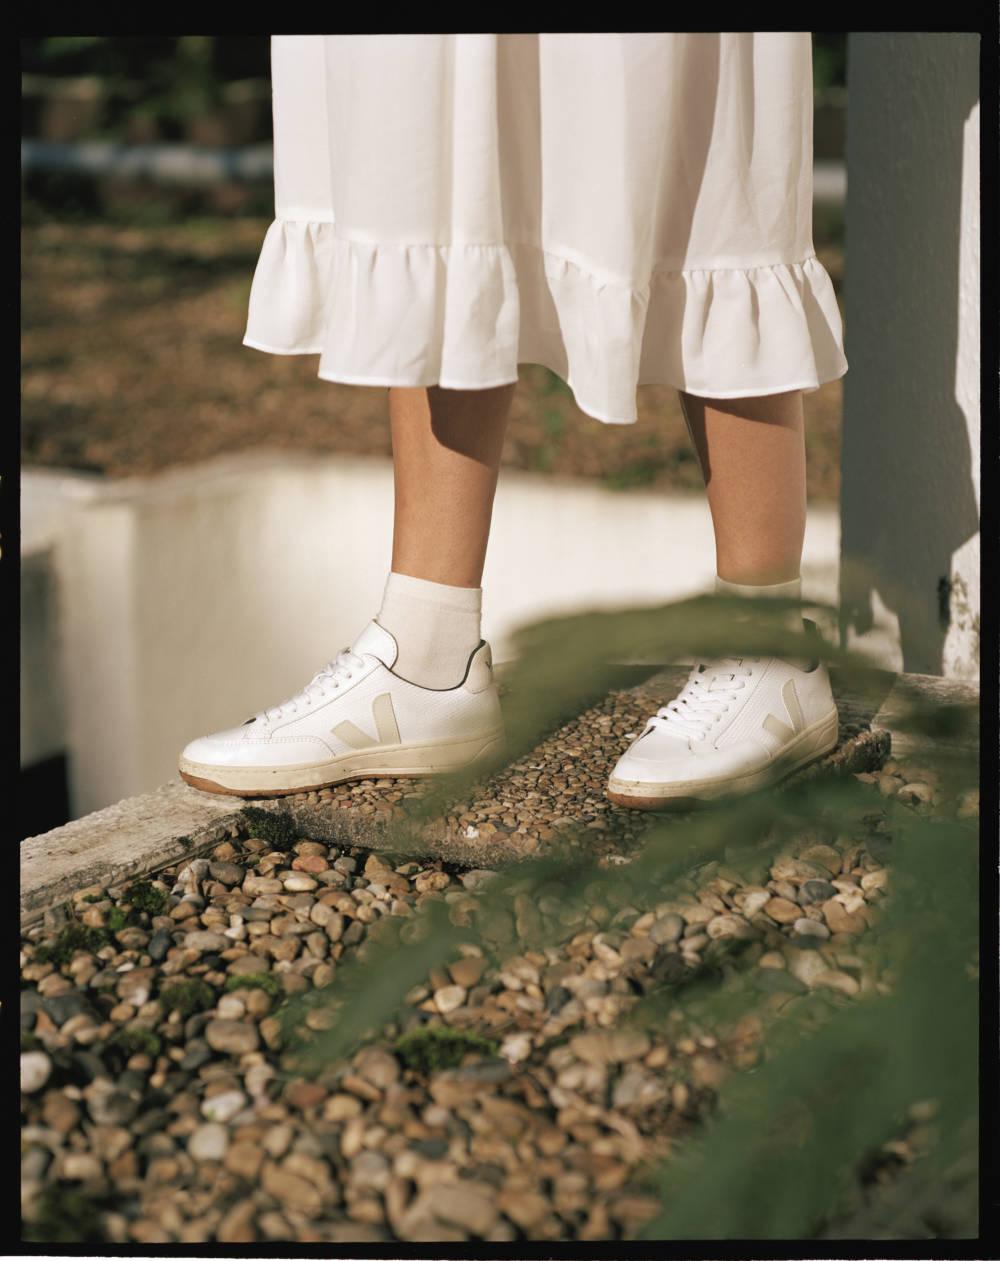 Weiße Sneakers kombiniert zu weißem Rock